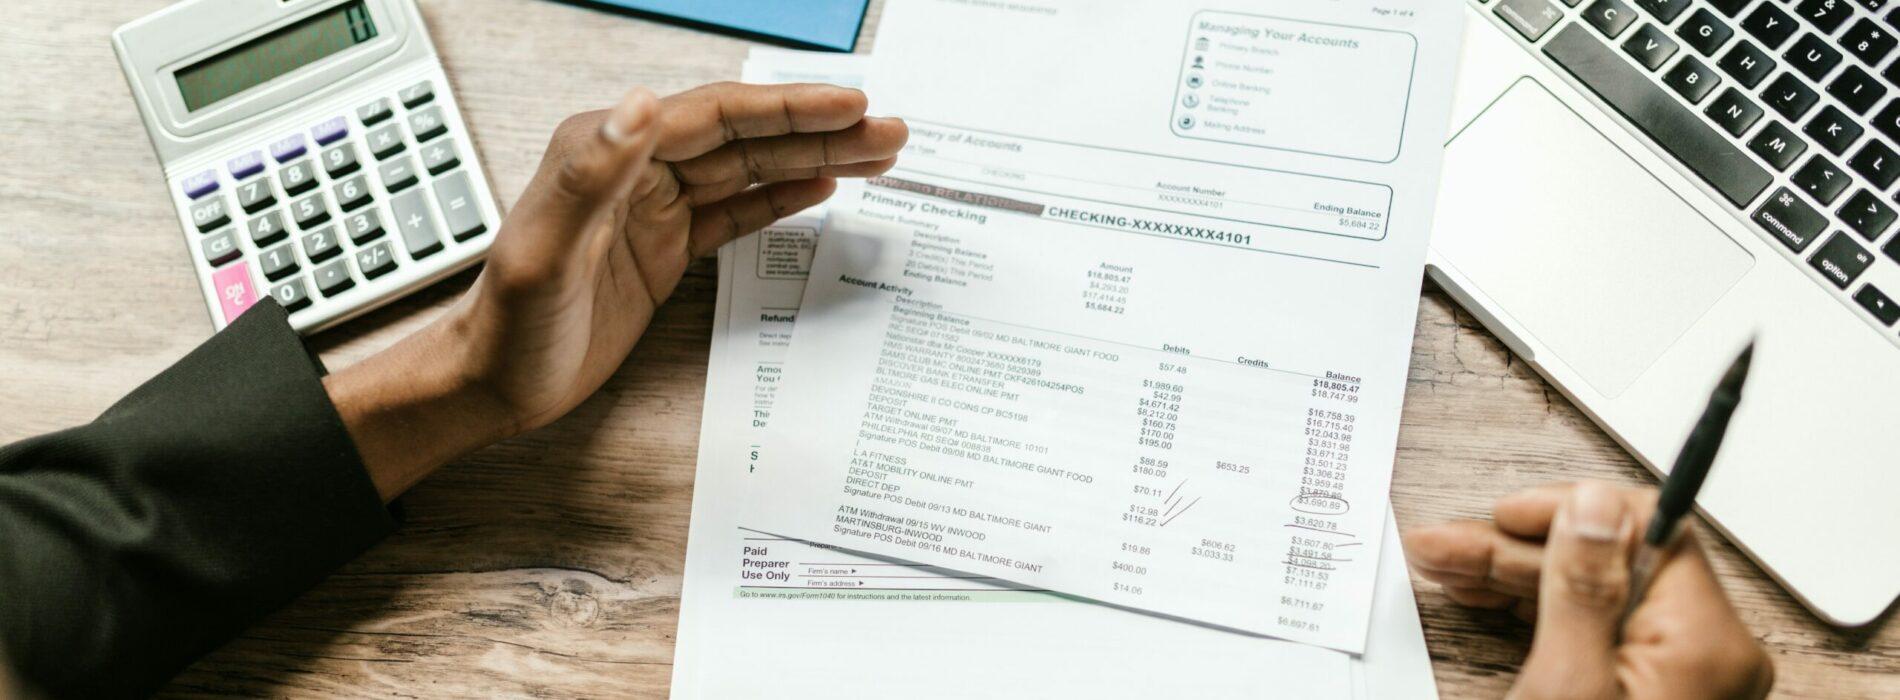 Wypłata odszkodowania z OC sprawcy – co warto wiedzieć